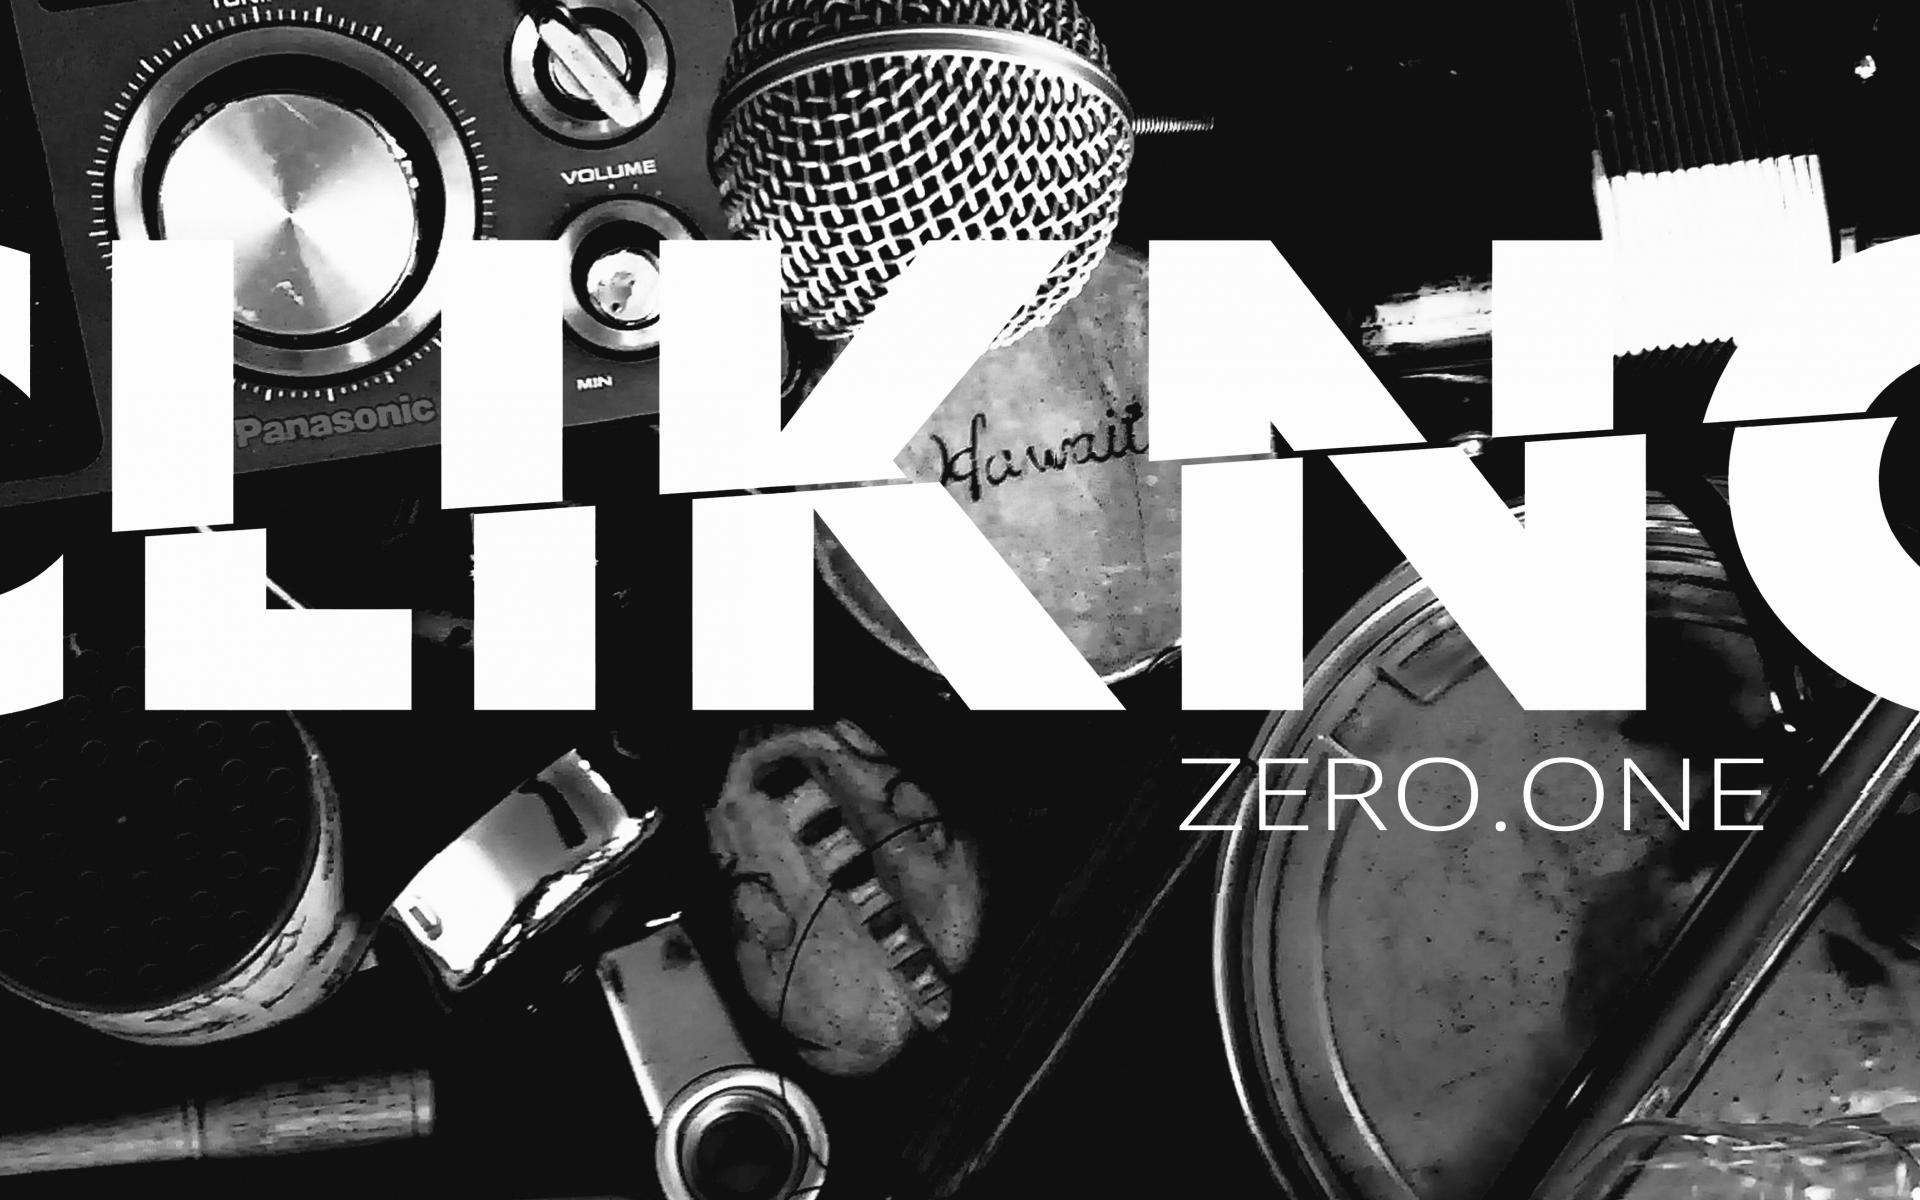 Zero.one